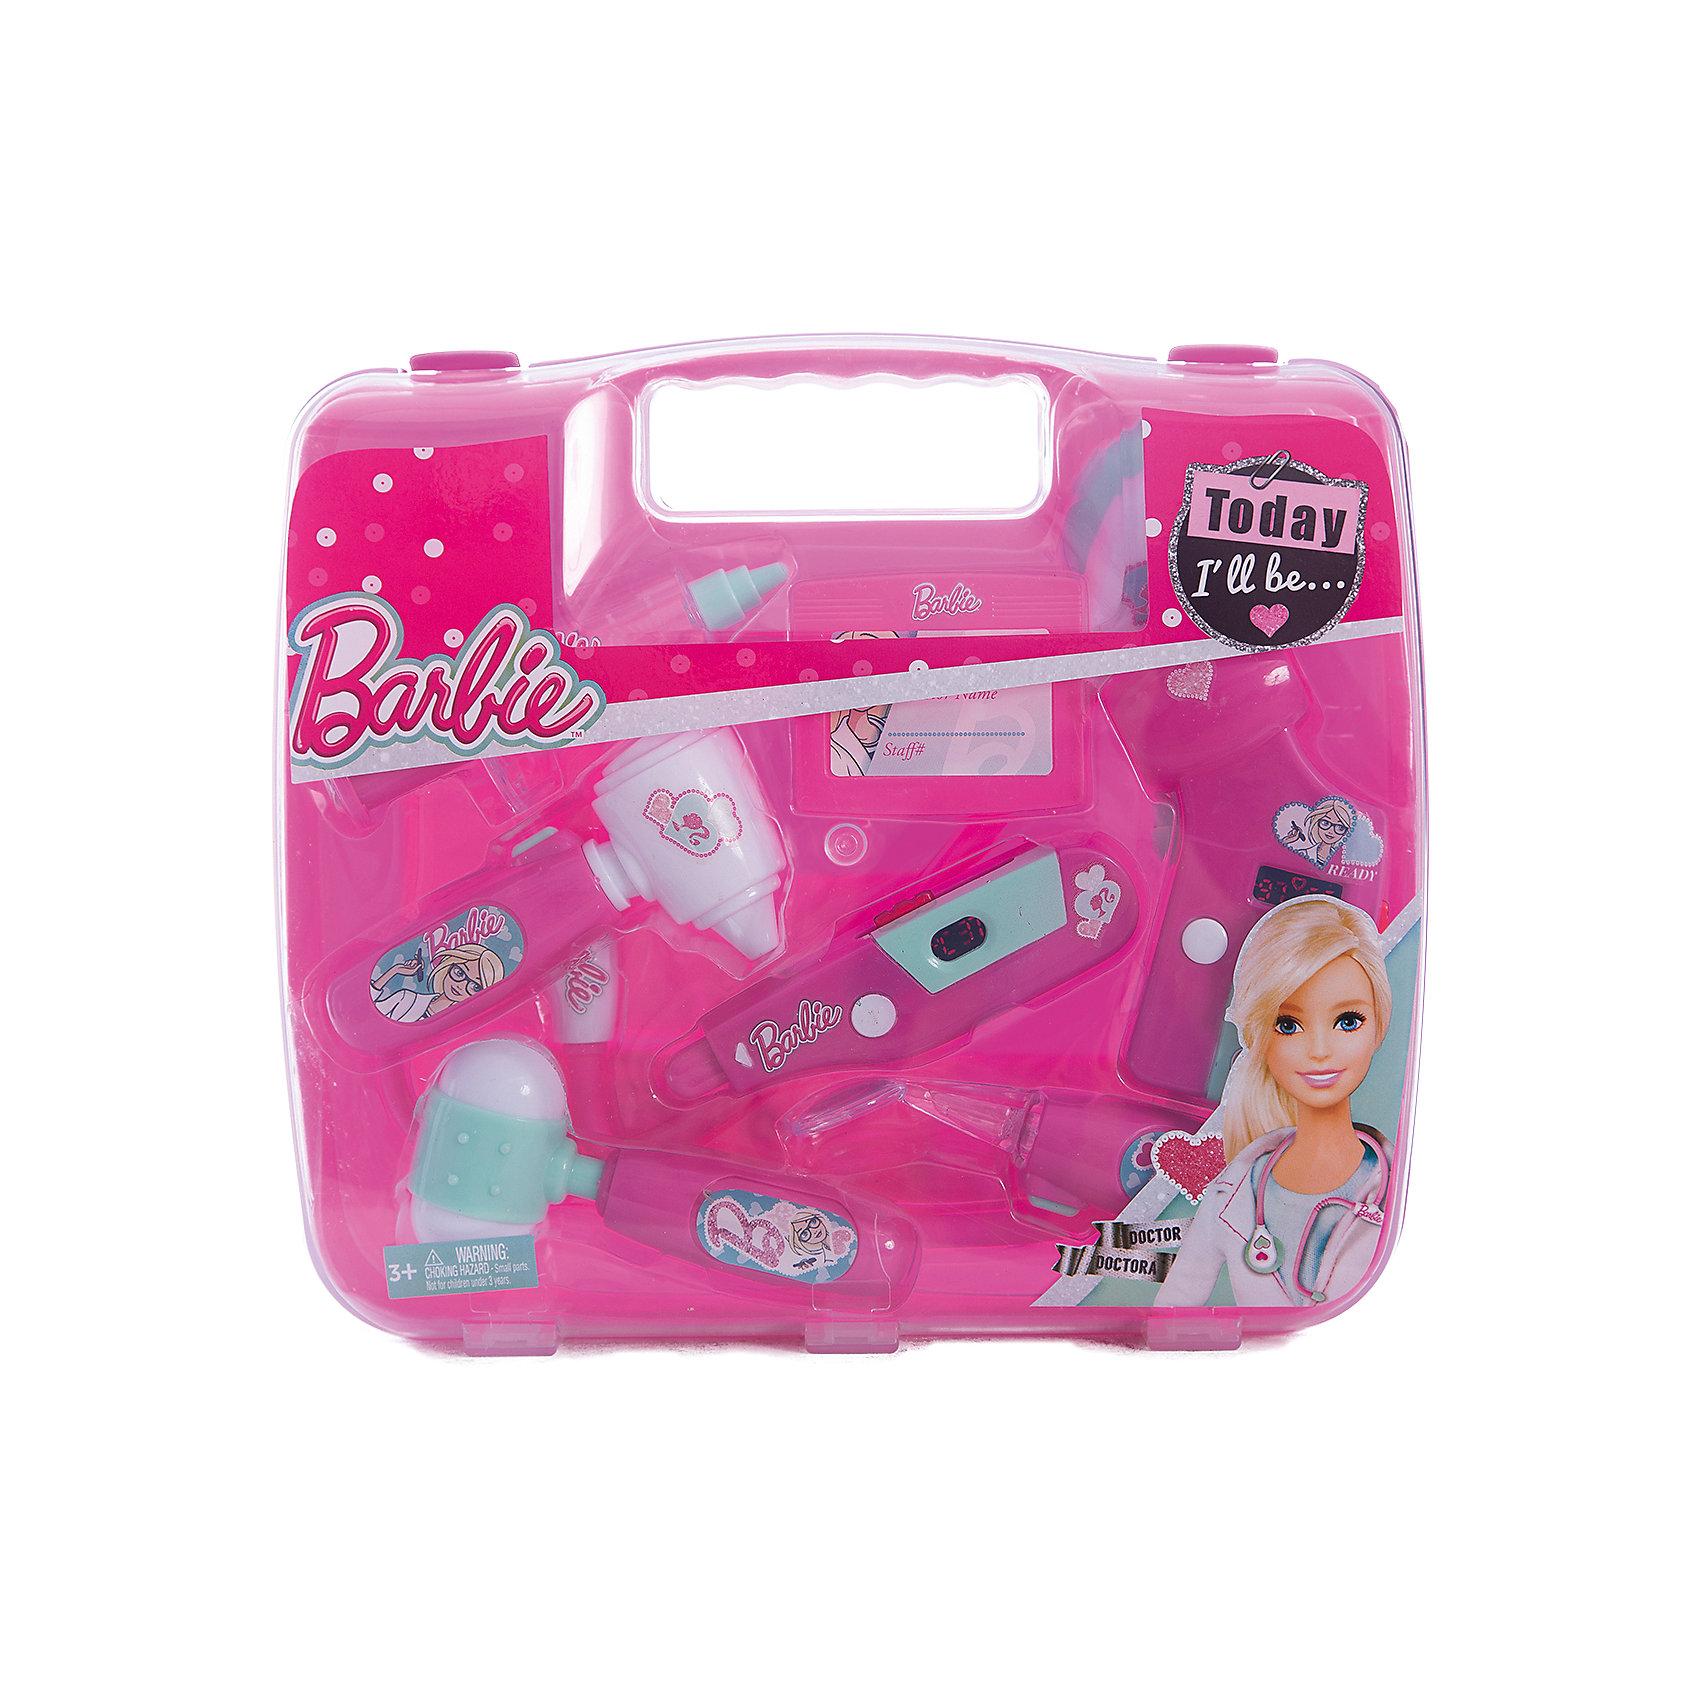 Игровой набор юного доктора в чемодане, BarbieНаборы доктора и ветеринара<br>Игровой набор юного доктора в чемодане, Barbie (Барби). <br><br>Характеристика:<br><br>• Материал: пластик. <br>• Размер упаковки: 26х4х23,5 см.<br>• Комплектация: сфигмоманометр - электронный прибор для измерения артериального давления;<br>электронный градусник; стоматоскоп - инструмент с зеркальцем для обследования полости рта; <br>стетоскоп; отоскоп - прибор для обследования уха; <br>шприц; молоточек; бейдж. <br>• Звуковые и световые эффекты. <br>• Отличная детализация. <br>• Удобный пластиковый чемоданчик для хранения и переноски. <br>• Яркий привлекательный дизайн. <br>• Элемент питания: для сфигмоманометра - 2 батарейки типа AG10 (входят в комплект); для электронного градусника - 2 батарейки типа AG10 (входят в комплект);<br>для стоматоскопа - 2 батарейки типа AG10 (входят в комплект); для стетоскопа - требуются 2 батарейки типа AG13 (входят в комплект); для отоскопа - 2 батарейки типа AG10 (входят в комплект).<br><br>С этим ярким набором ребенок сможет почувствовать себя настоящим доктором. Все аксессуары упакованы в удобный пластиковый чемоданчик с прозрачной крышкой, отлично детализированы и хорошо проработаны, очень похожи на настоящие медицинские инструменты. Игрушки выполнены из экологичного пластика, в производстве которого использованы только безопасные нетоксичные красители.<br><br>Игровой набор юного доктора в чемодане, Barbie (Барби), можно купить в нашем интернет-магазине.<br><br>Ширина мм: 270<br>Глубина мм: 240<br>Высота мм: 600<br>Вес г: 541<br>Возраст от месяцев: 36<br>Возраст до месяцев: 2147483647<br>Пол: Женский<br>Возраст: Детский<br>SKU: 5238936